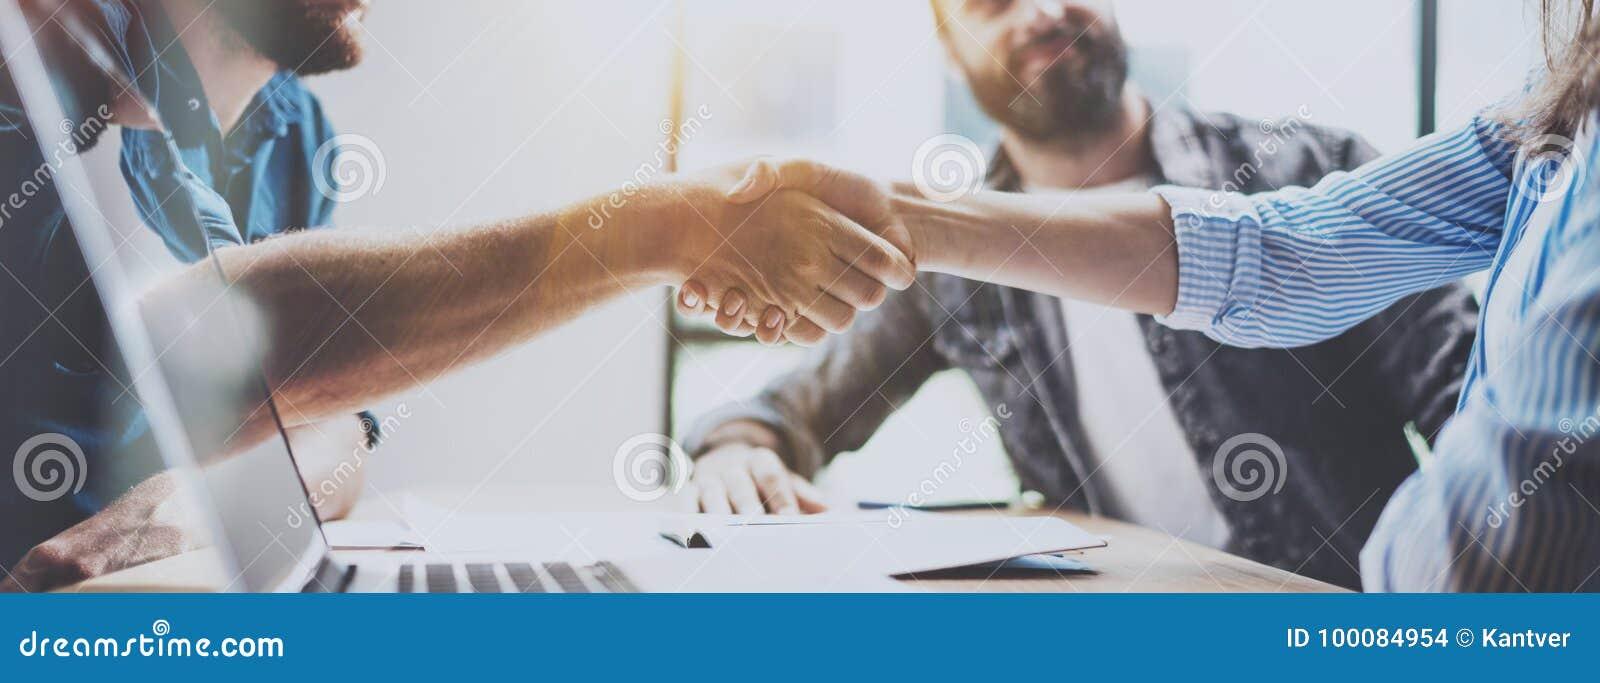 Het concept van de bedrijfsvennootschaphanddruk Foto twee het proces van het medewerkershandenschudden Succesvolle overeenkomst n